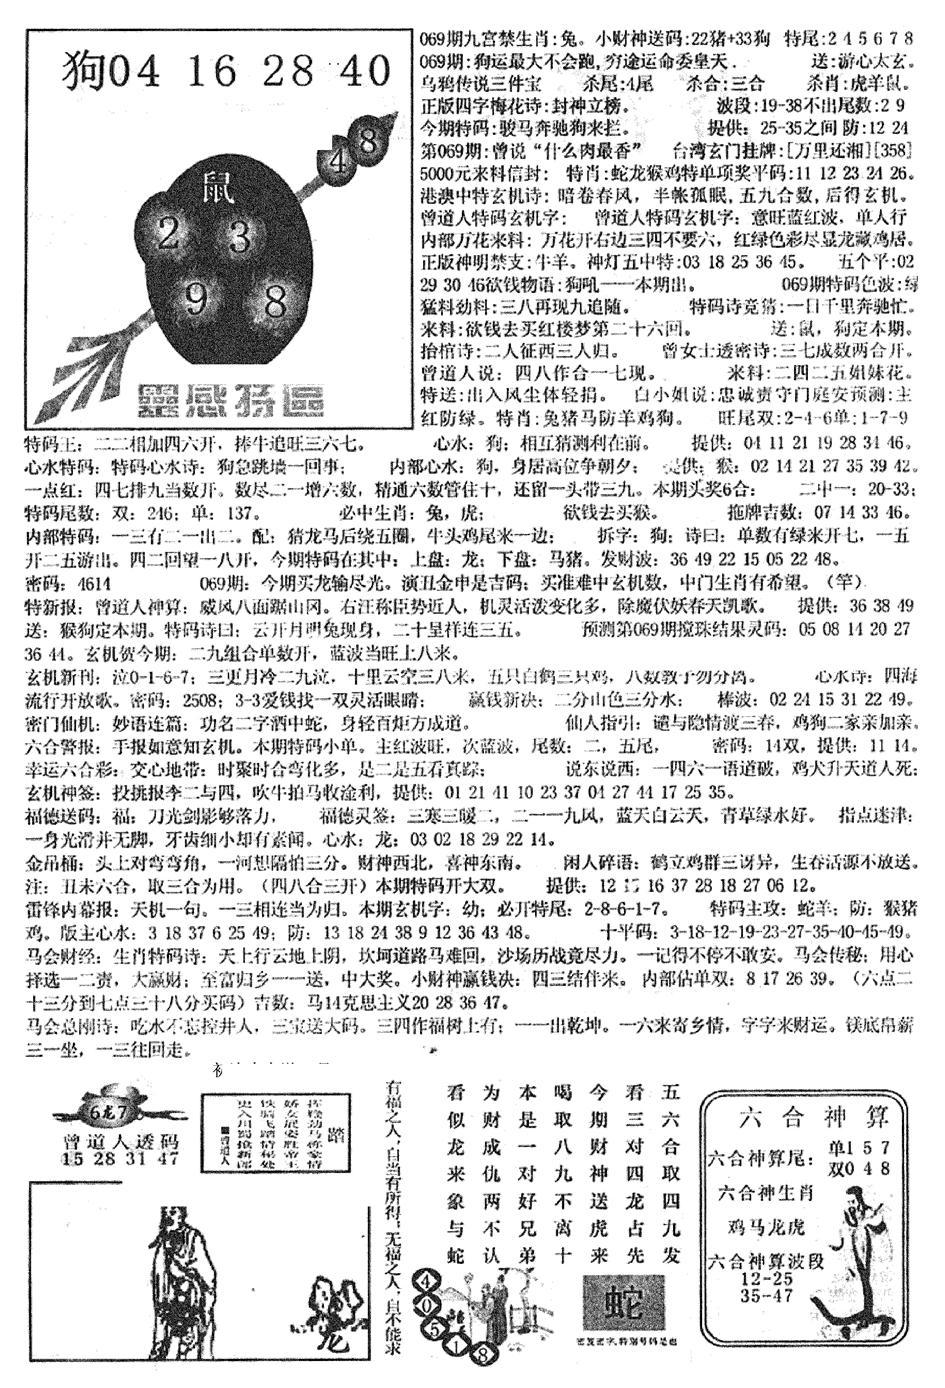 069期平西版彩霸王B(黑白)